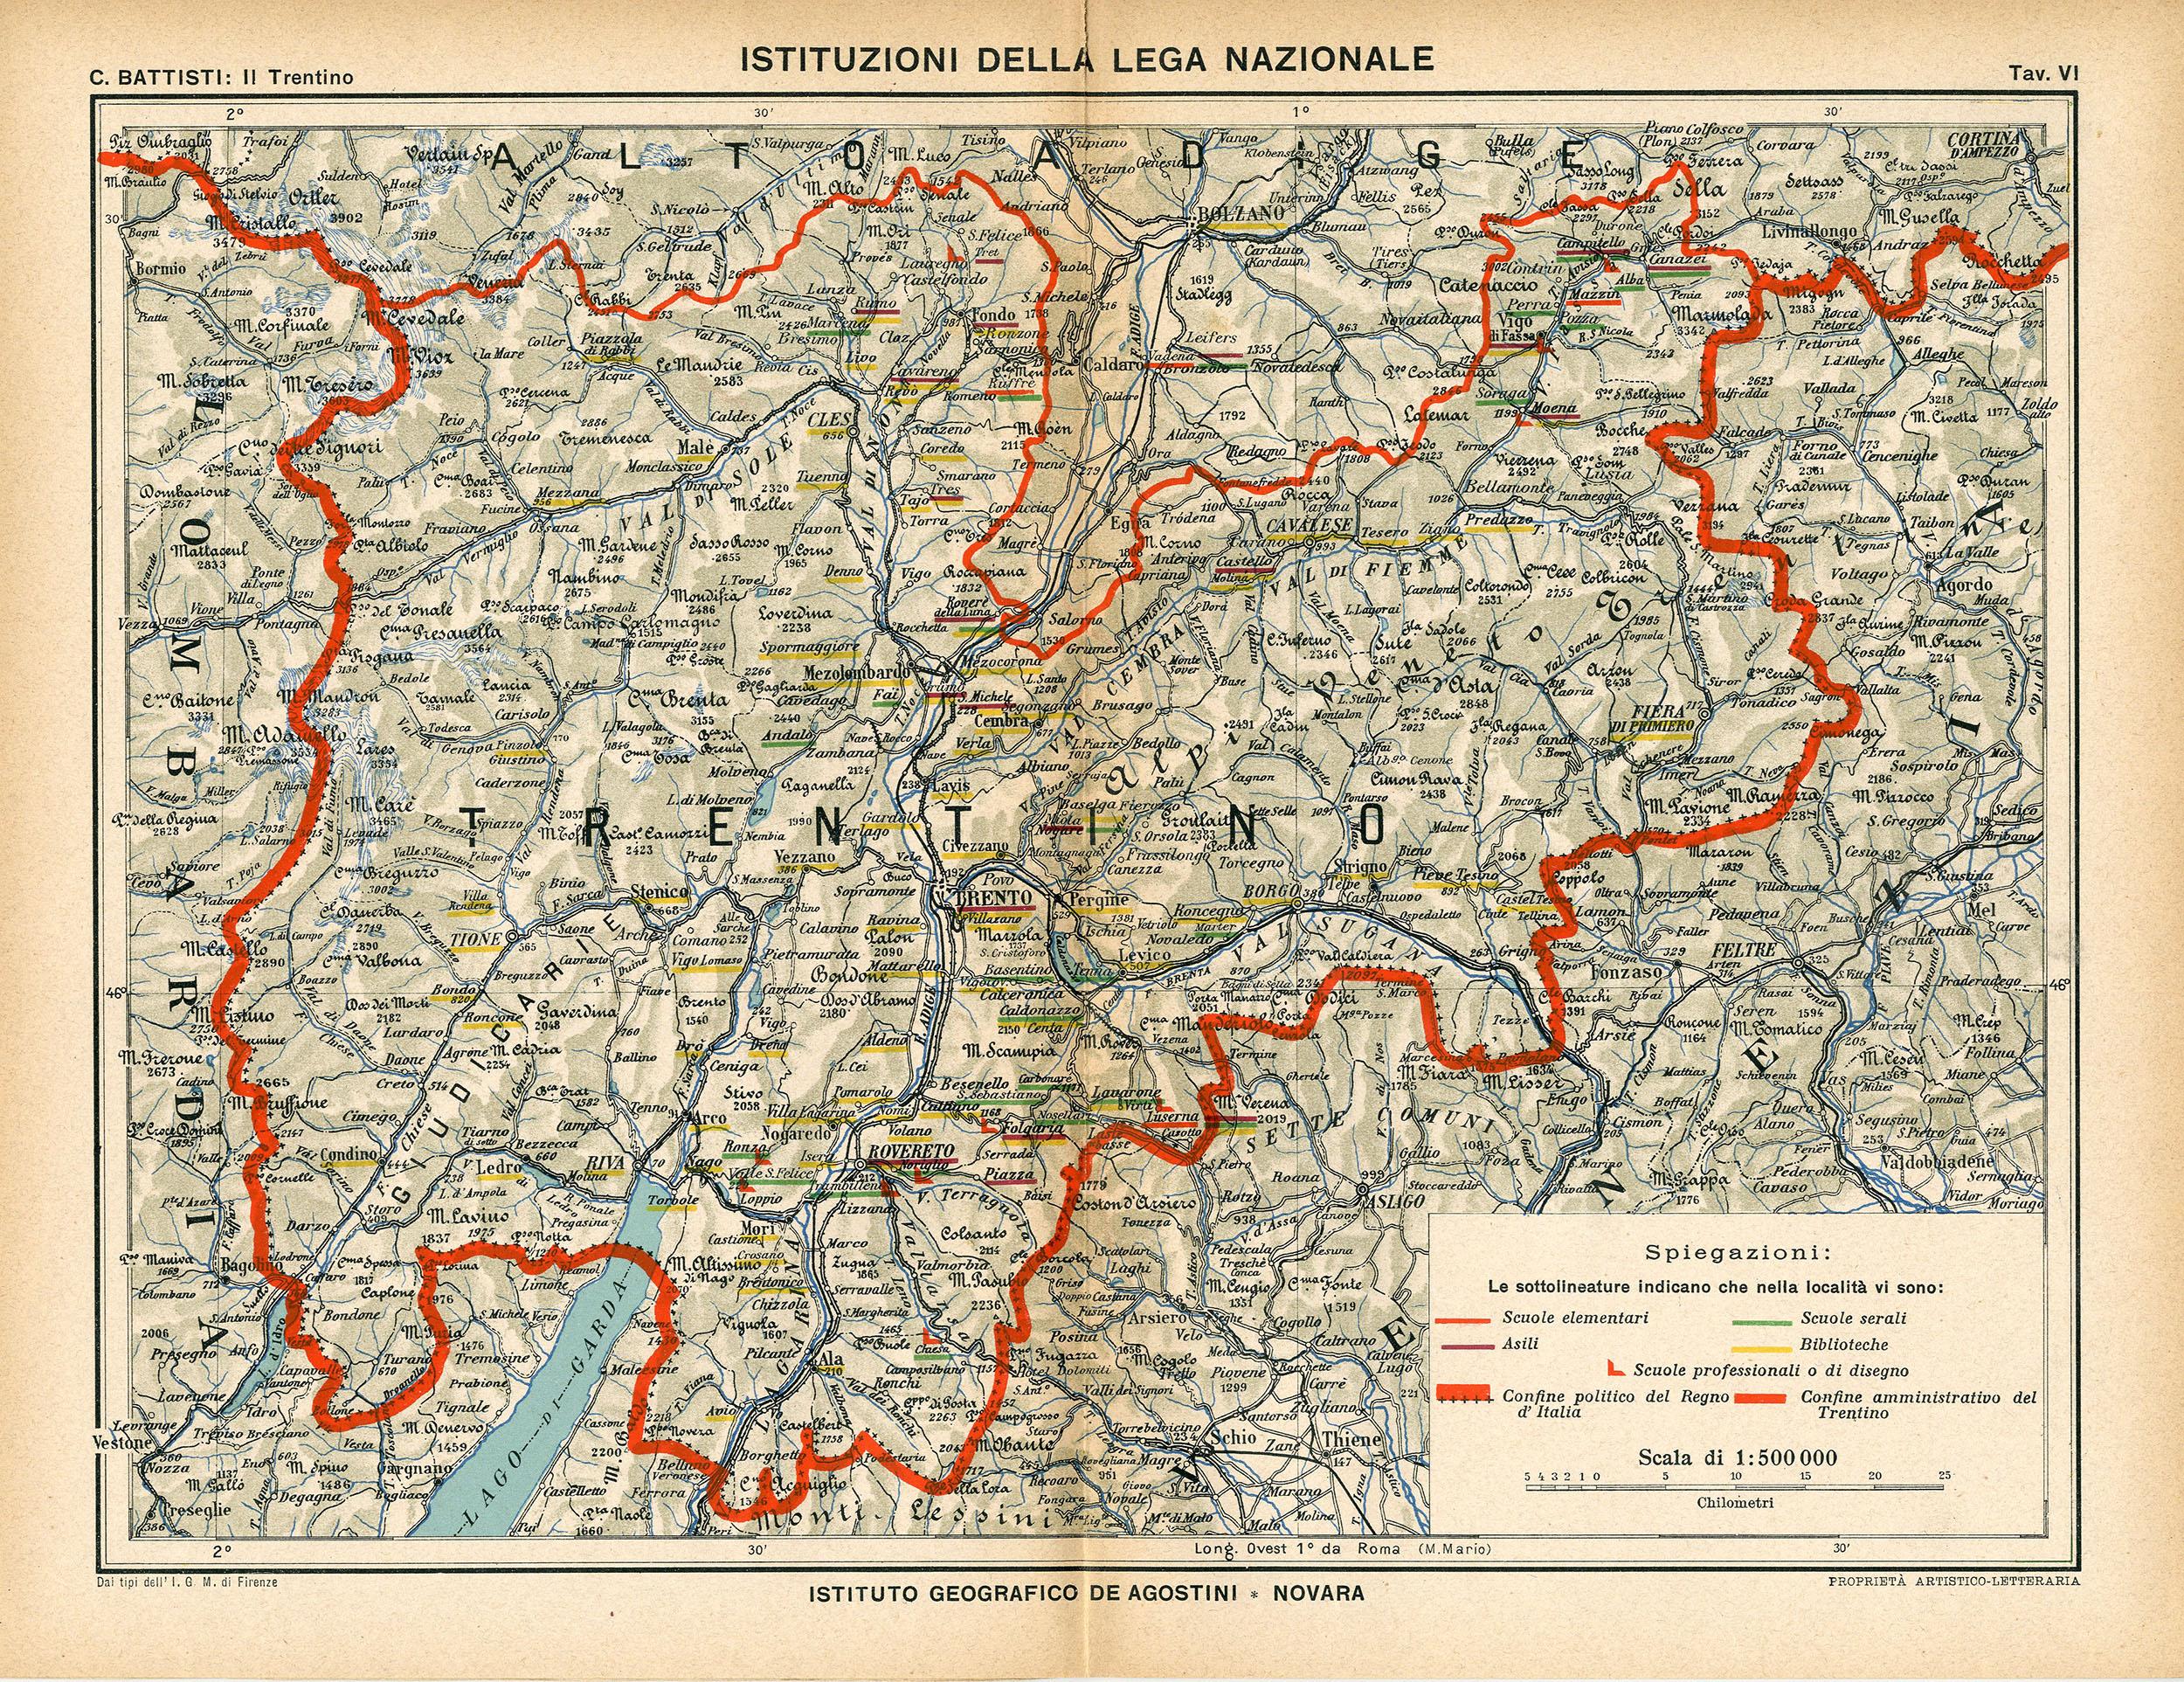 Cartina Geografica Trento.Cesare Battisti Atlante Il Trentino Cenni Geografici Storici Economici Con Un Appendice Sull Alto Adige Matteo Proto